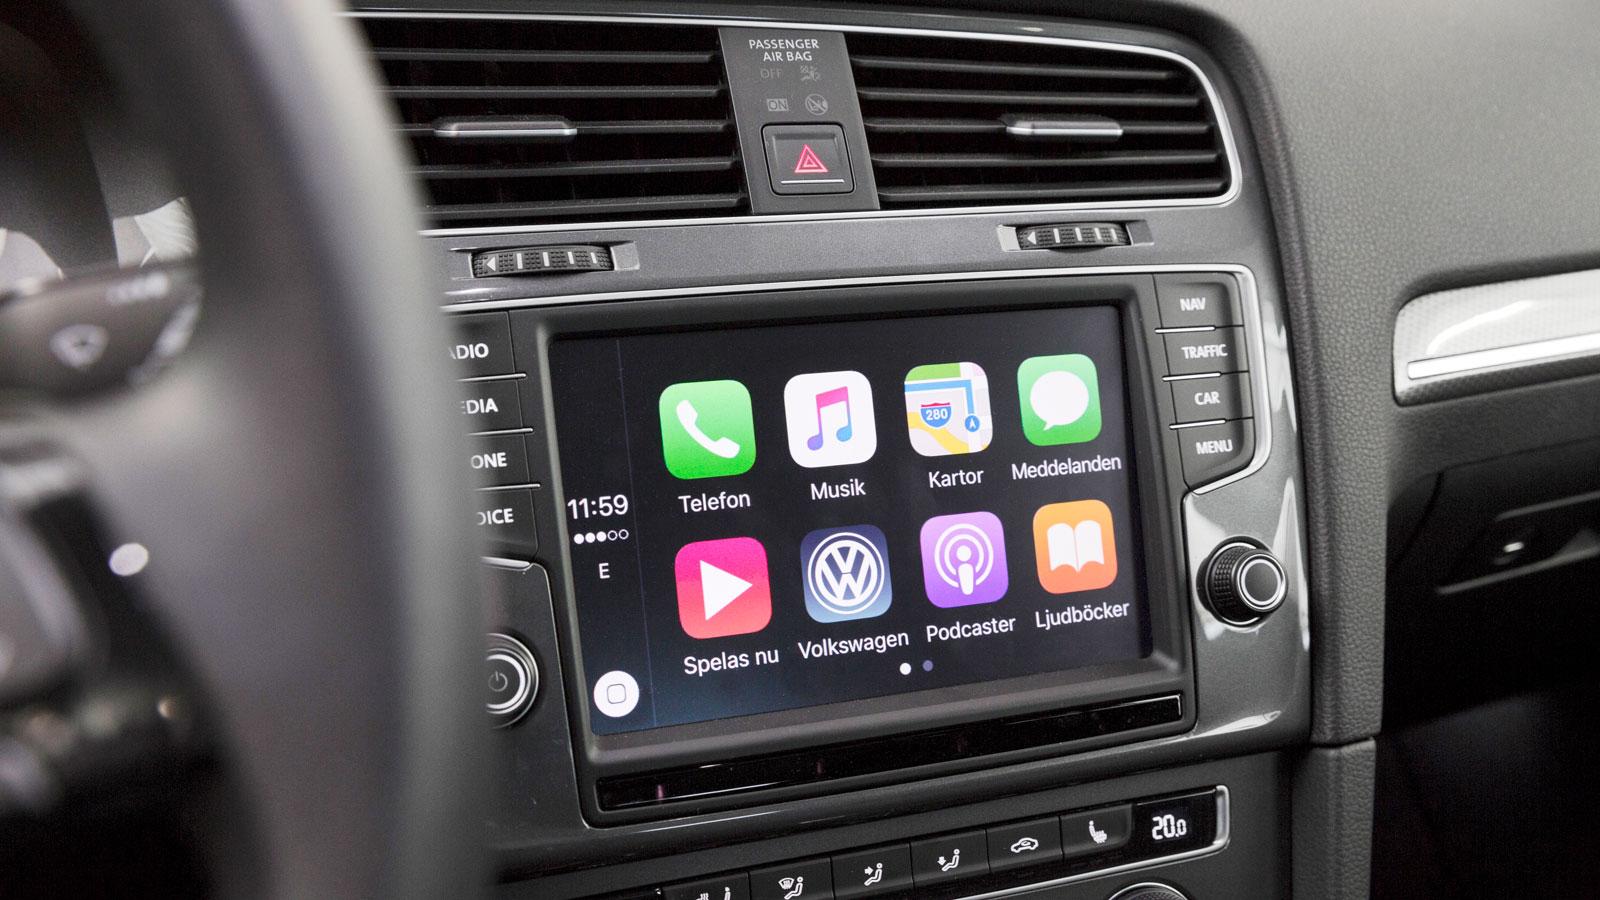 Volkswagen: Vi gillar VW:s infotainment. Det är inte lika tillkrånglat som i vissa andra konkurrenter från samma land. Systemet är föredömligt lättanvänt med bra touchdisplay.